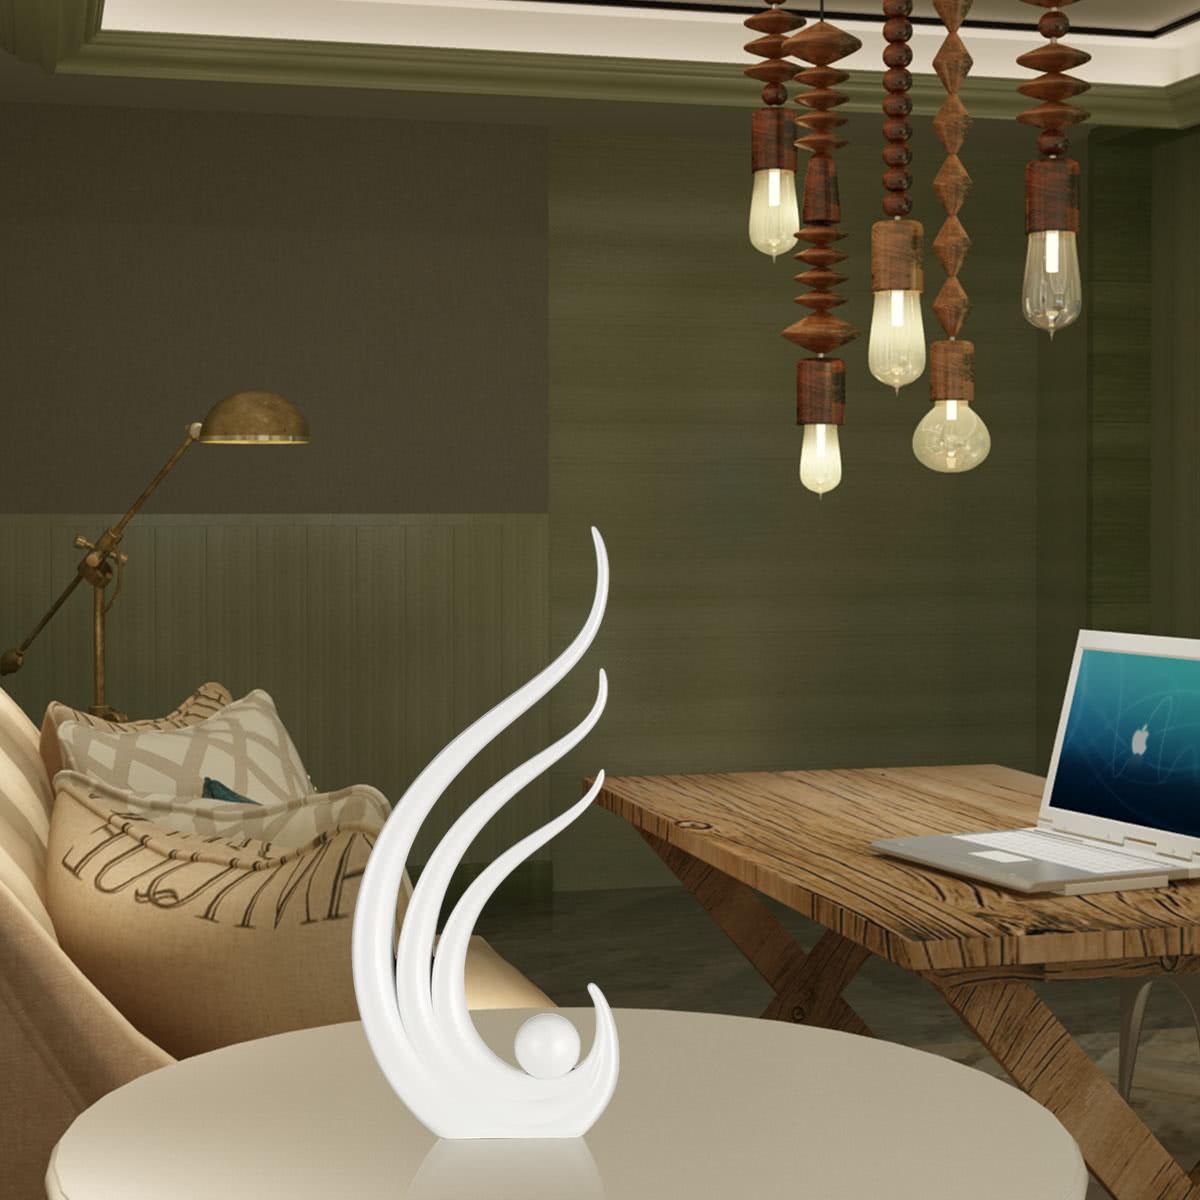 Soar Tomfeel Fiberglass Sculpture Home Decoration Original